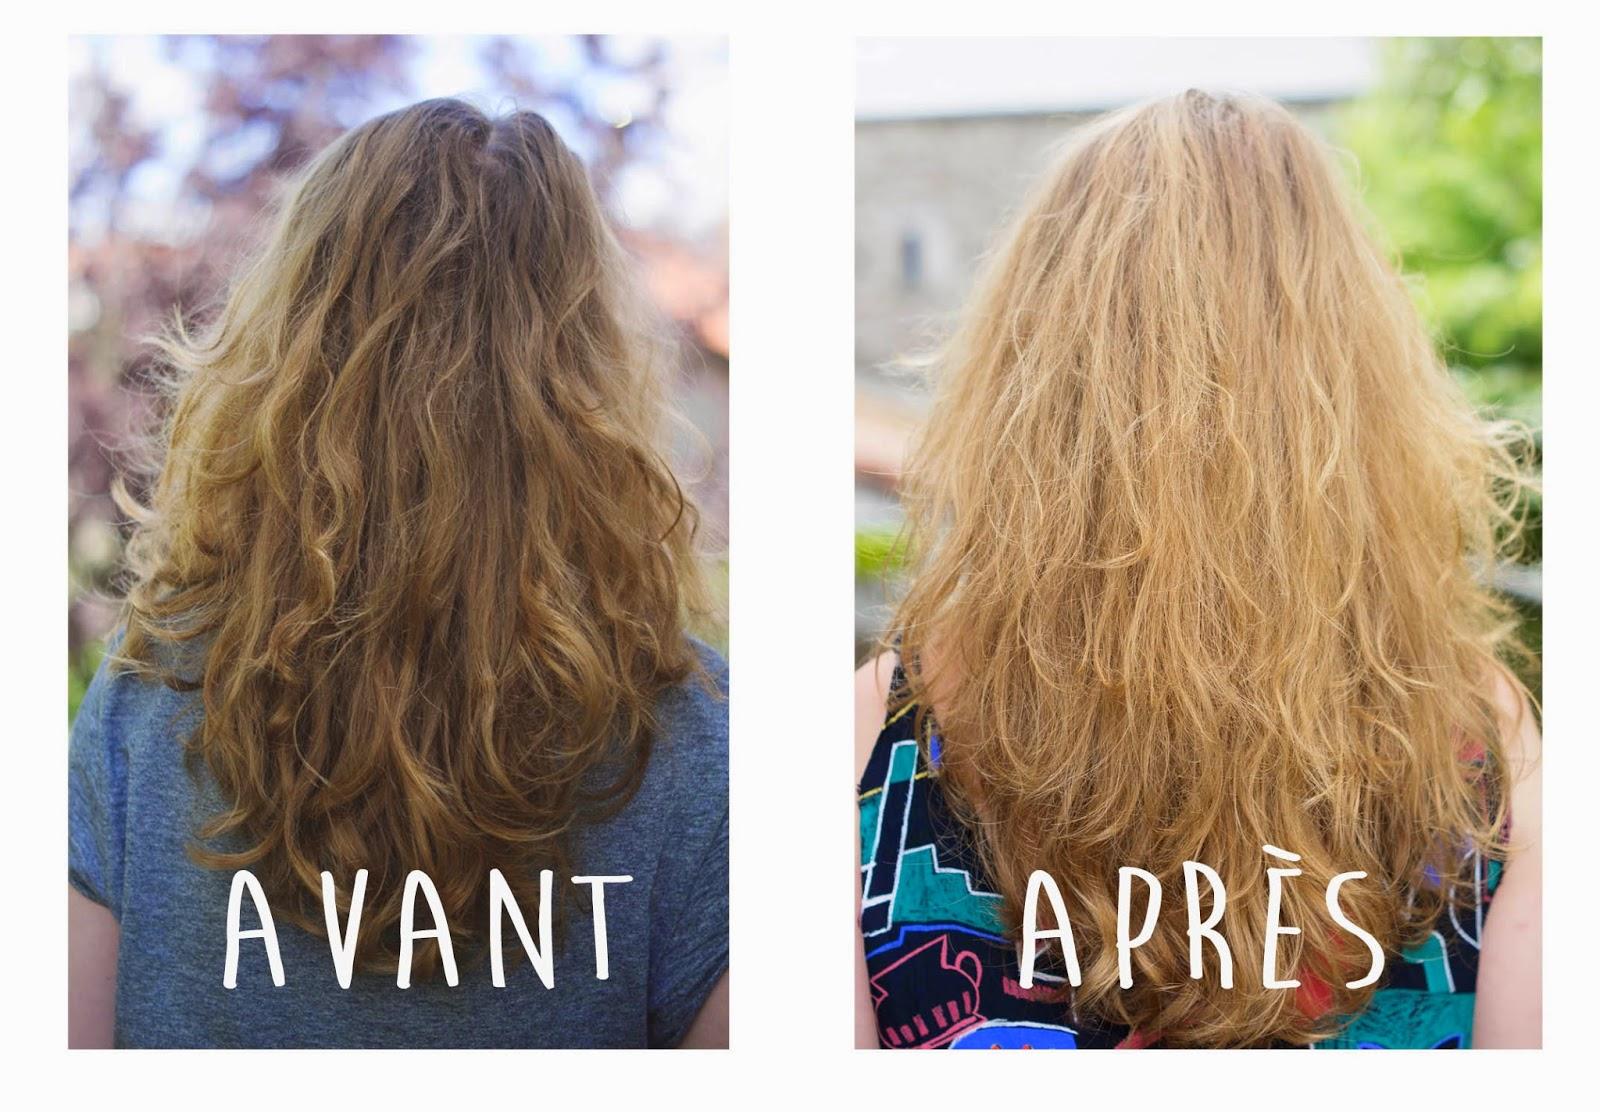 mes cheveux ont un effet retour de vacances la plage des mches plus blondes des reflets dors et un effet super naturel - Gele Claircissante Garnier Sur Cheveux Colors